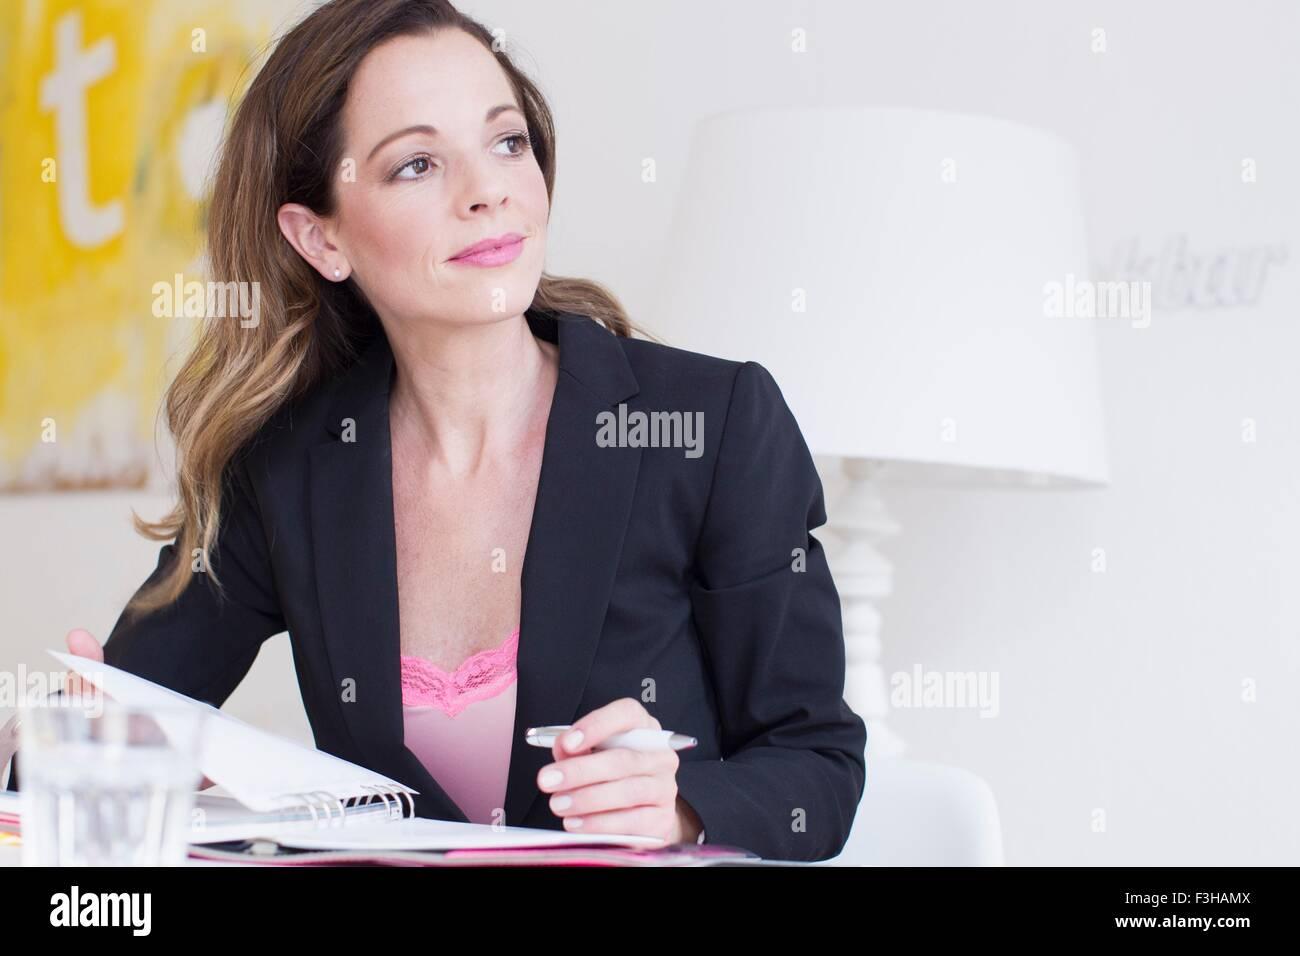 Mujer madura, vistiendo trajes de negocios sosteniendo pen y el papeleo apartar la mirada sonriendo Imagen De Stock